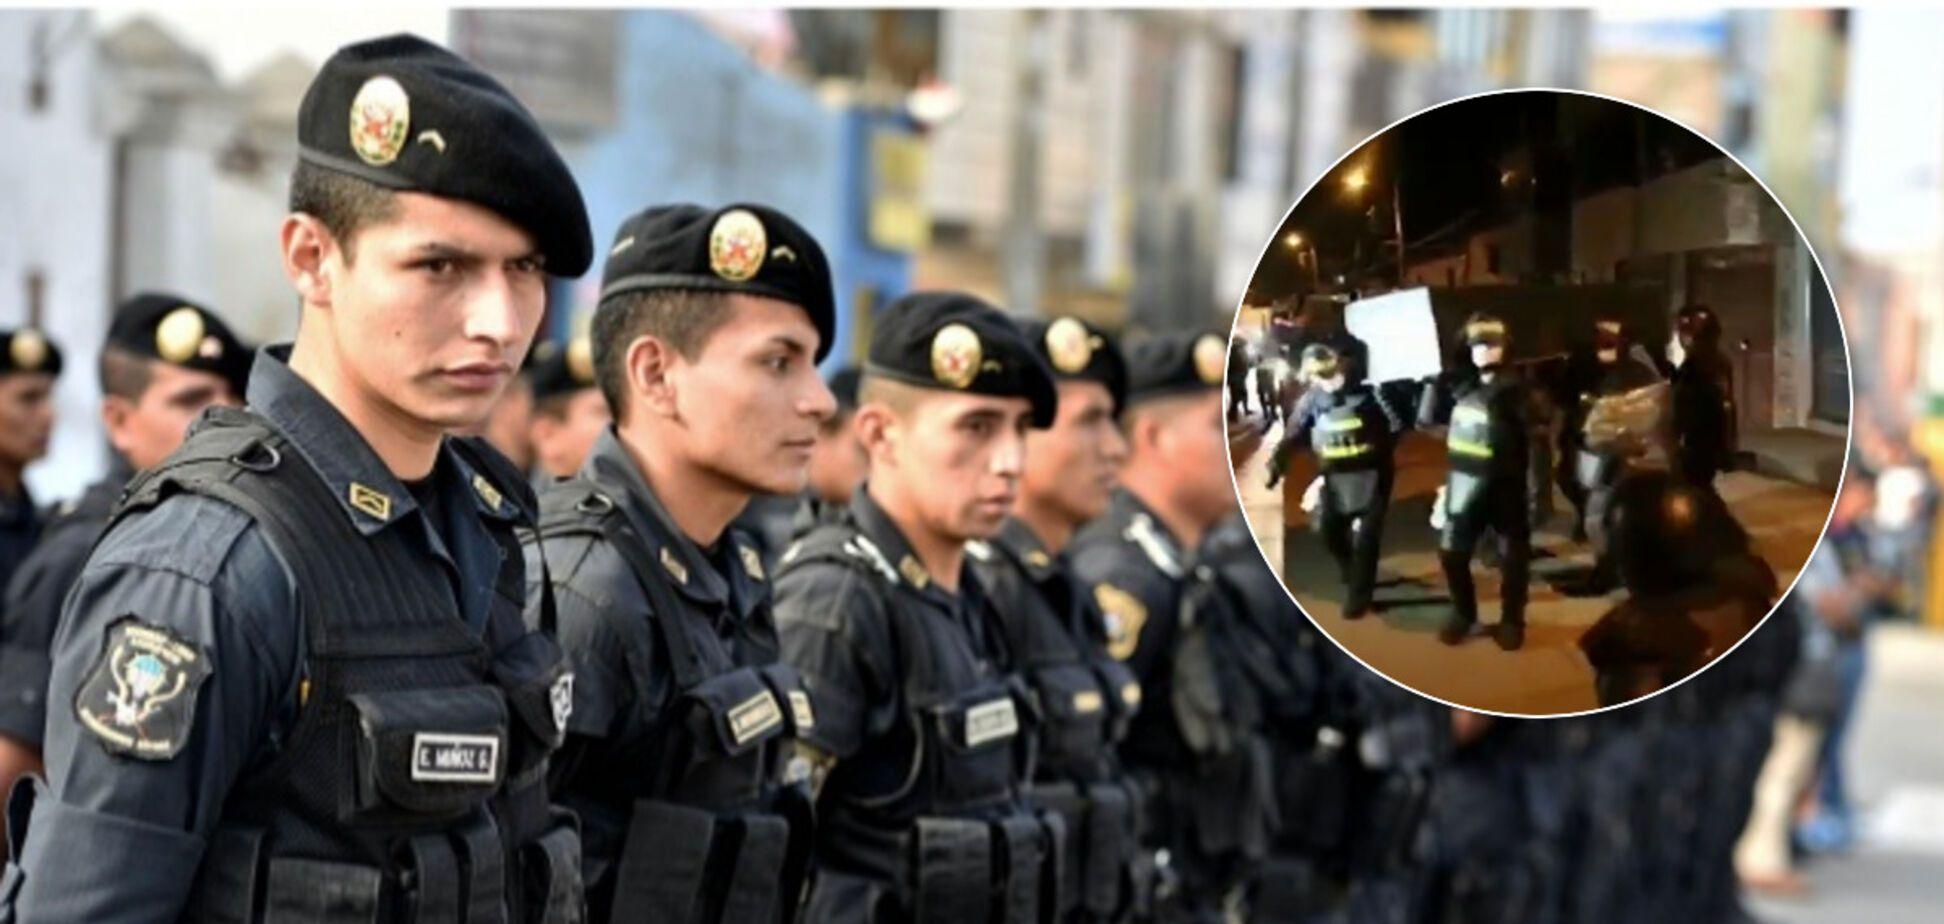 В Перу полицейские исполнили танец с гробом, призывая не нарушать карантин. Видео